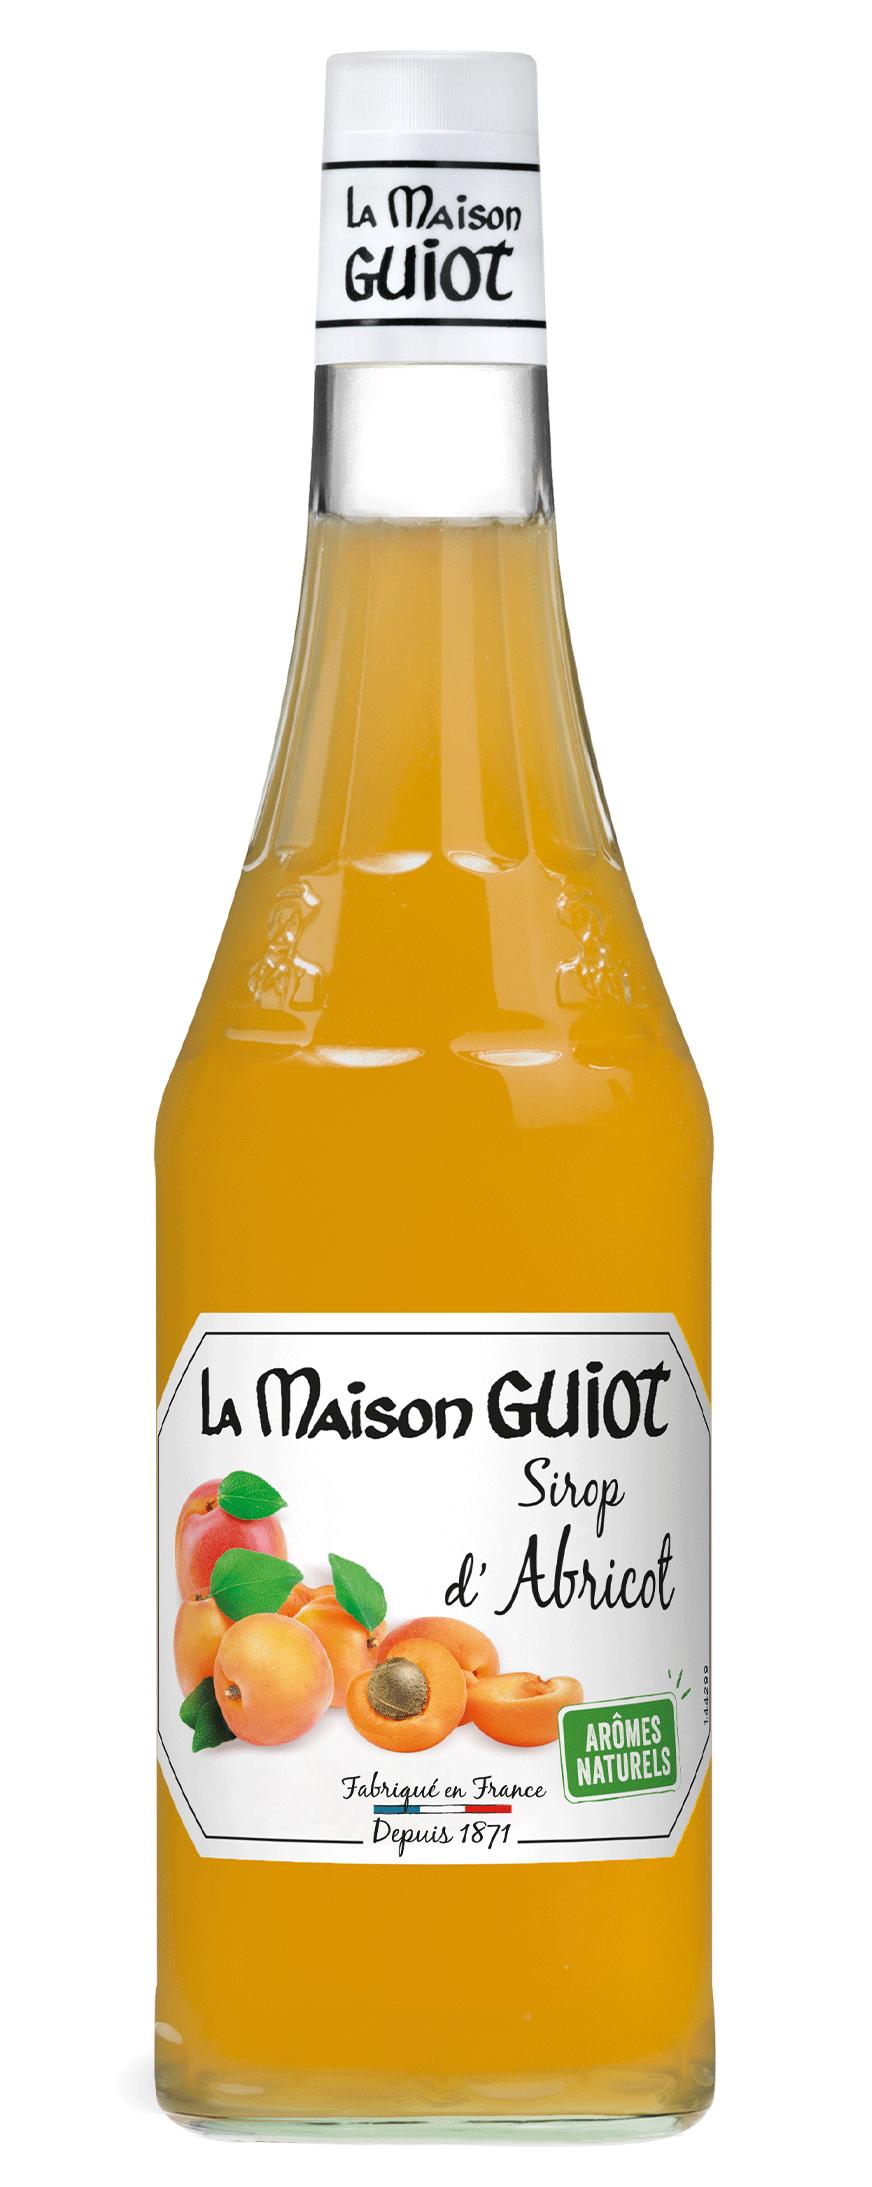 abricot - La Maison Guiot fête ses 150 ans